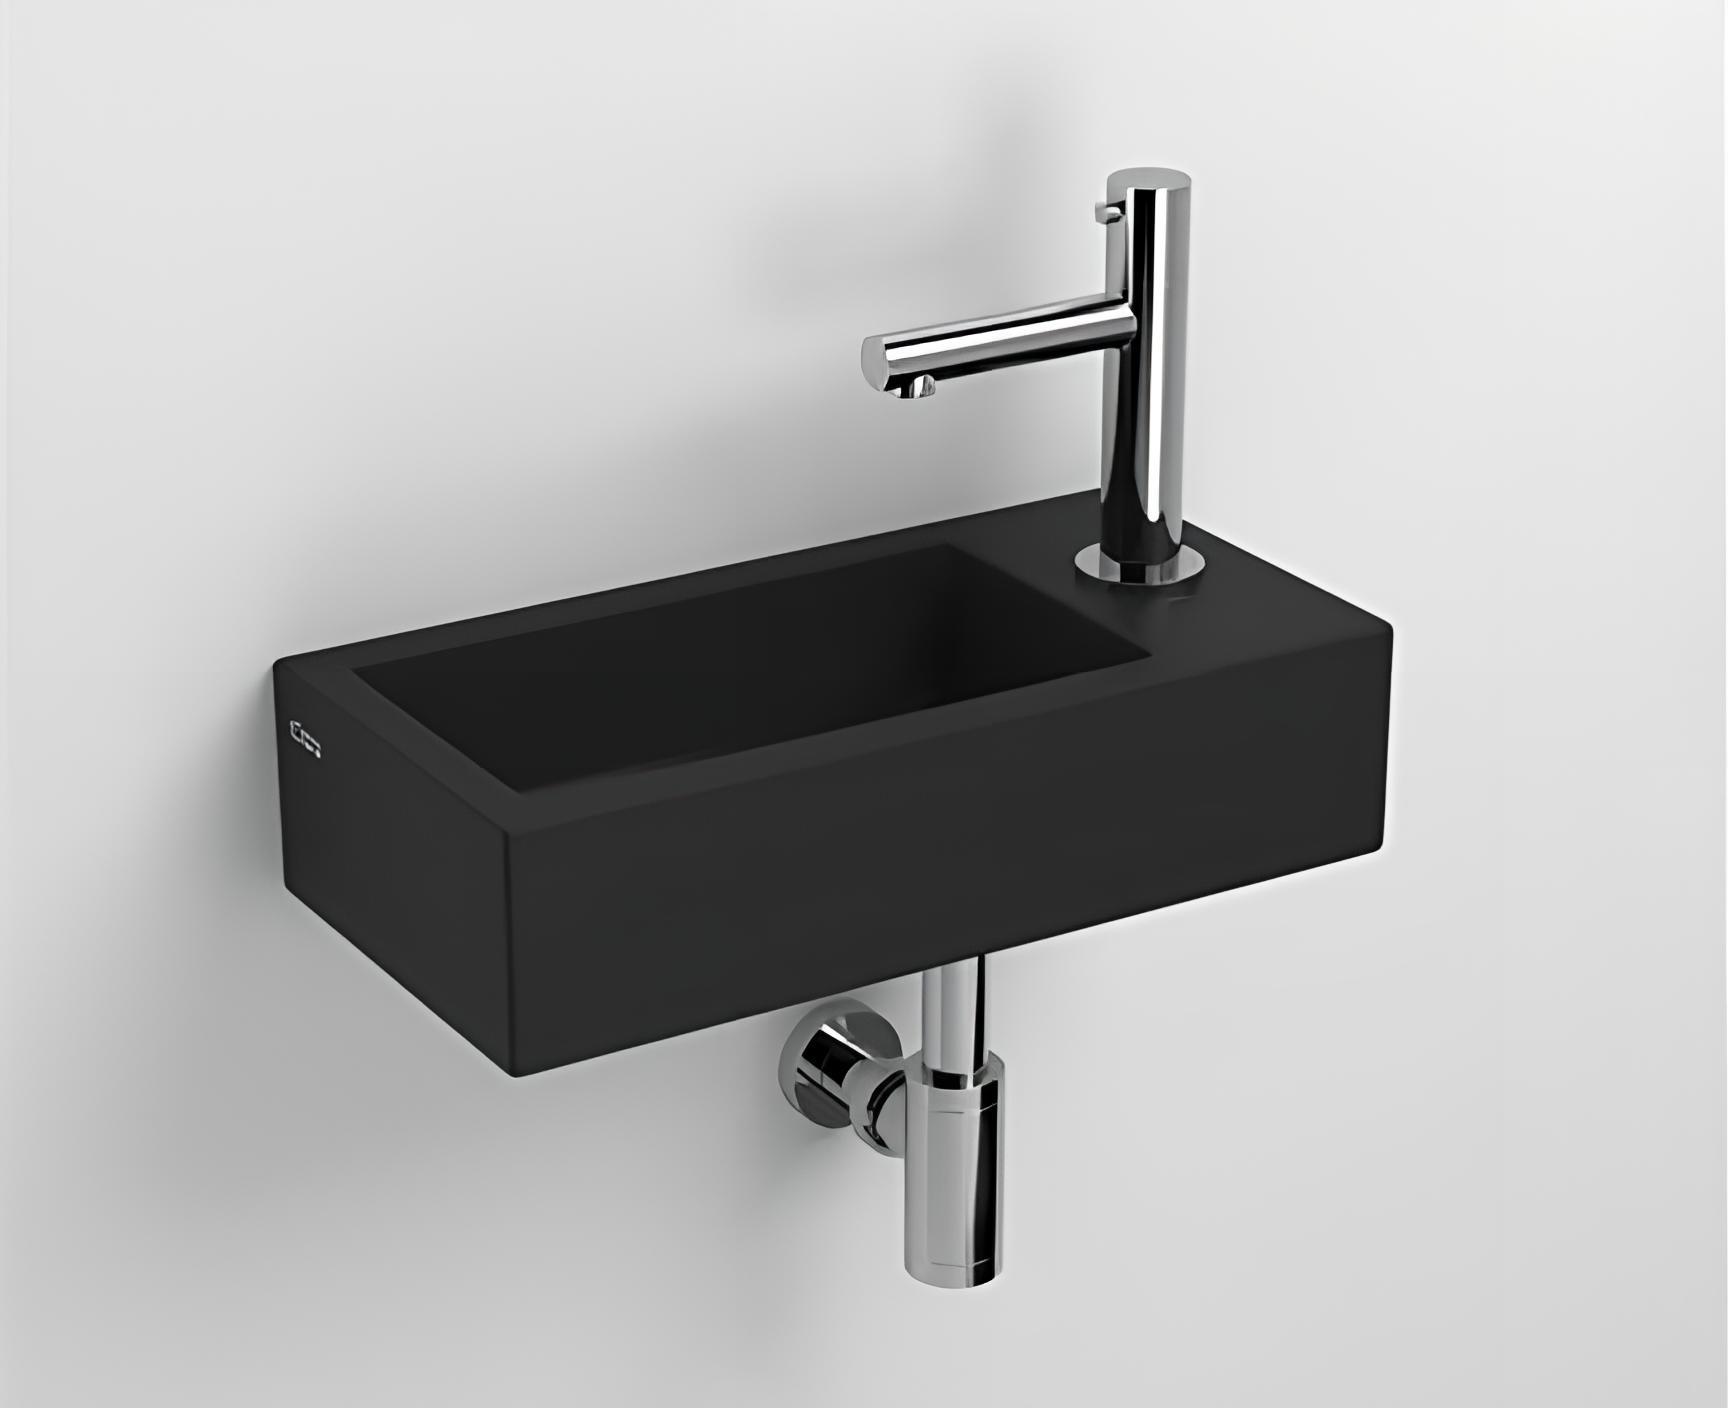 waschbecken h ngend flush 360 x 180 x 90 ffnung f r die armatur rechts schwarz matt. Black Bedroom Furniture Sets. Home Design Ideas